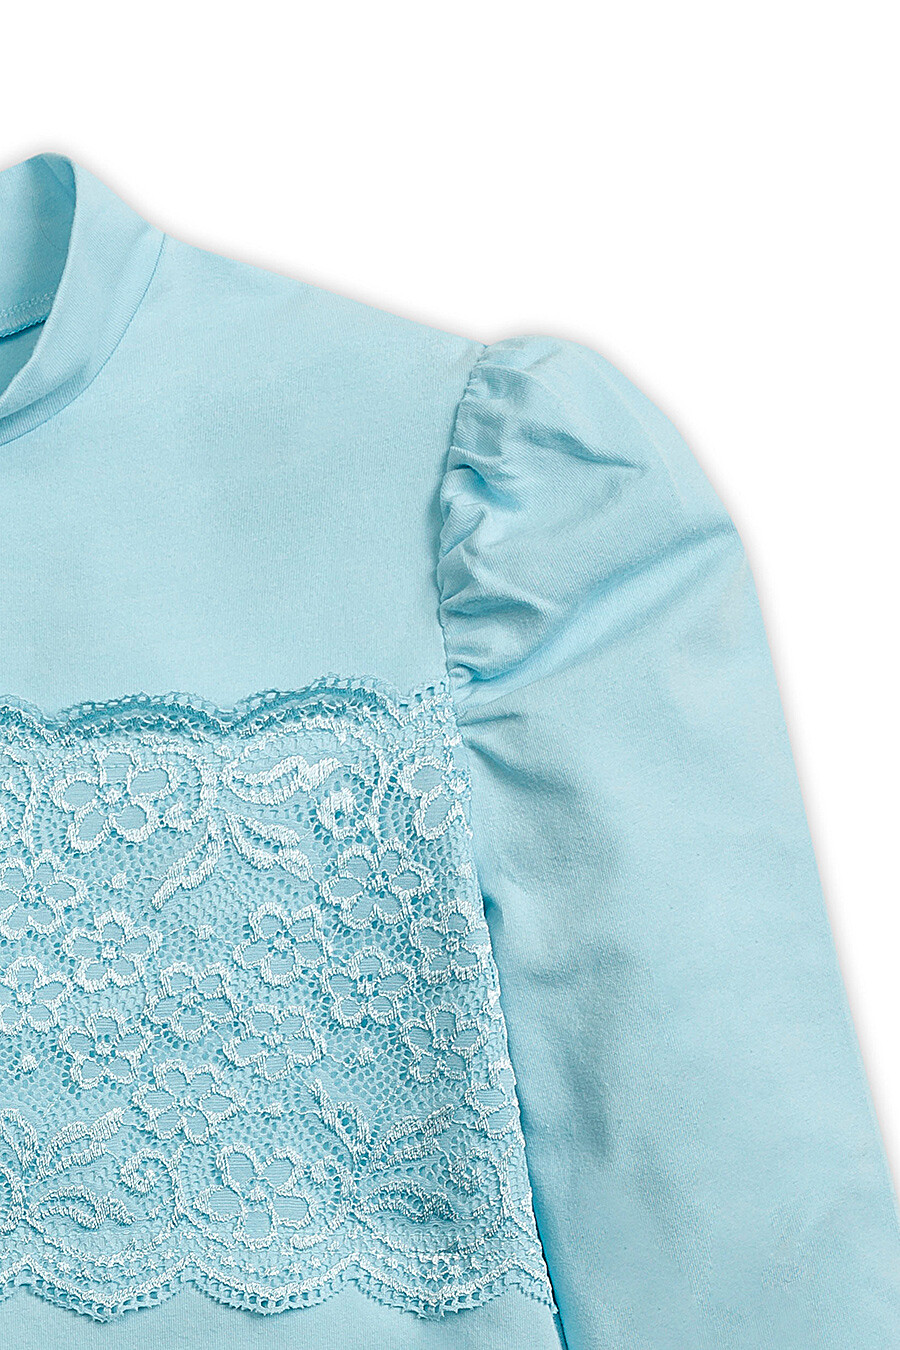 Водолазка для девочек PELICAN 218596 купить оптом от производителя. Совместная покупка детской одежды в OptMoyo